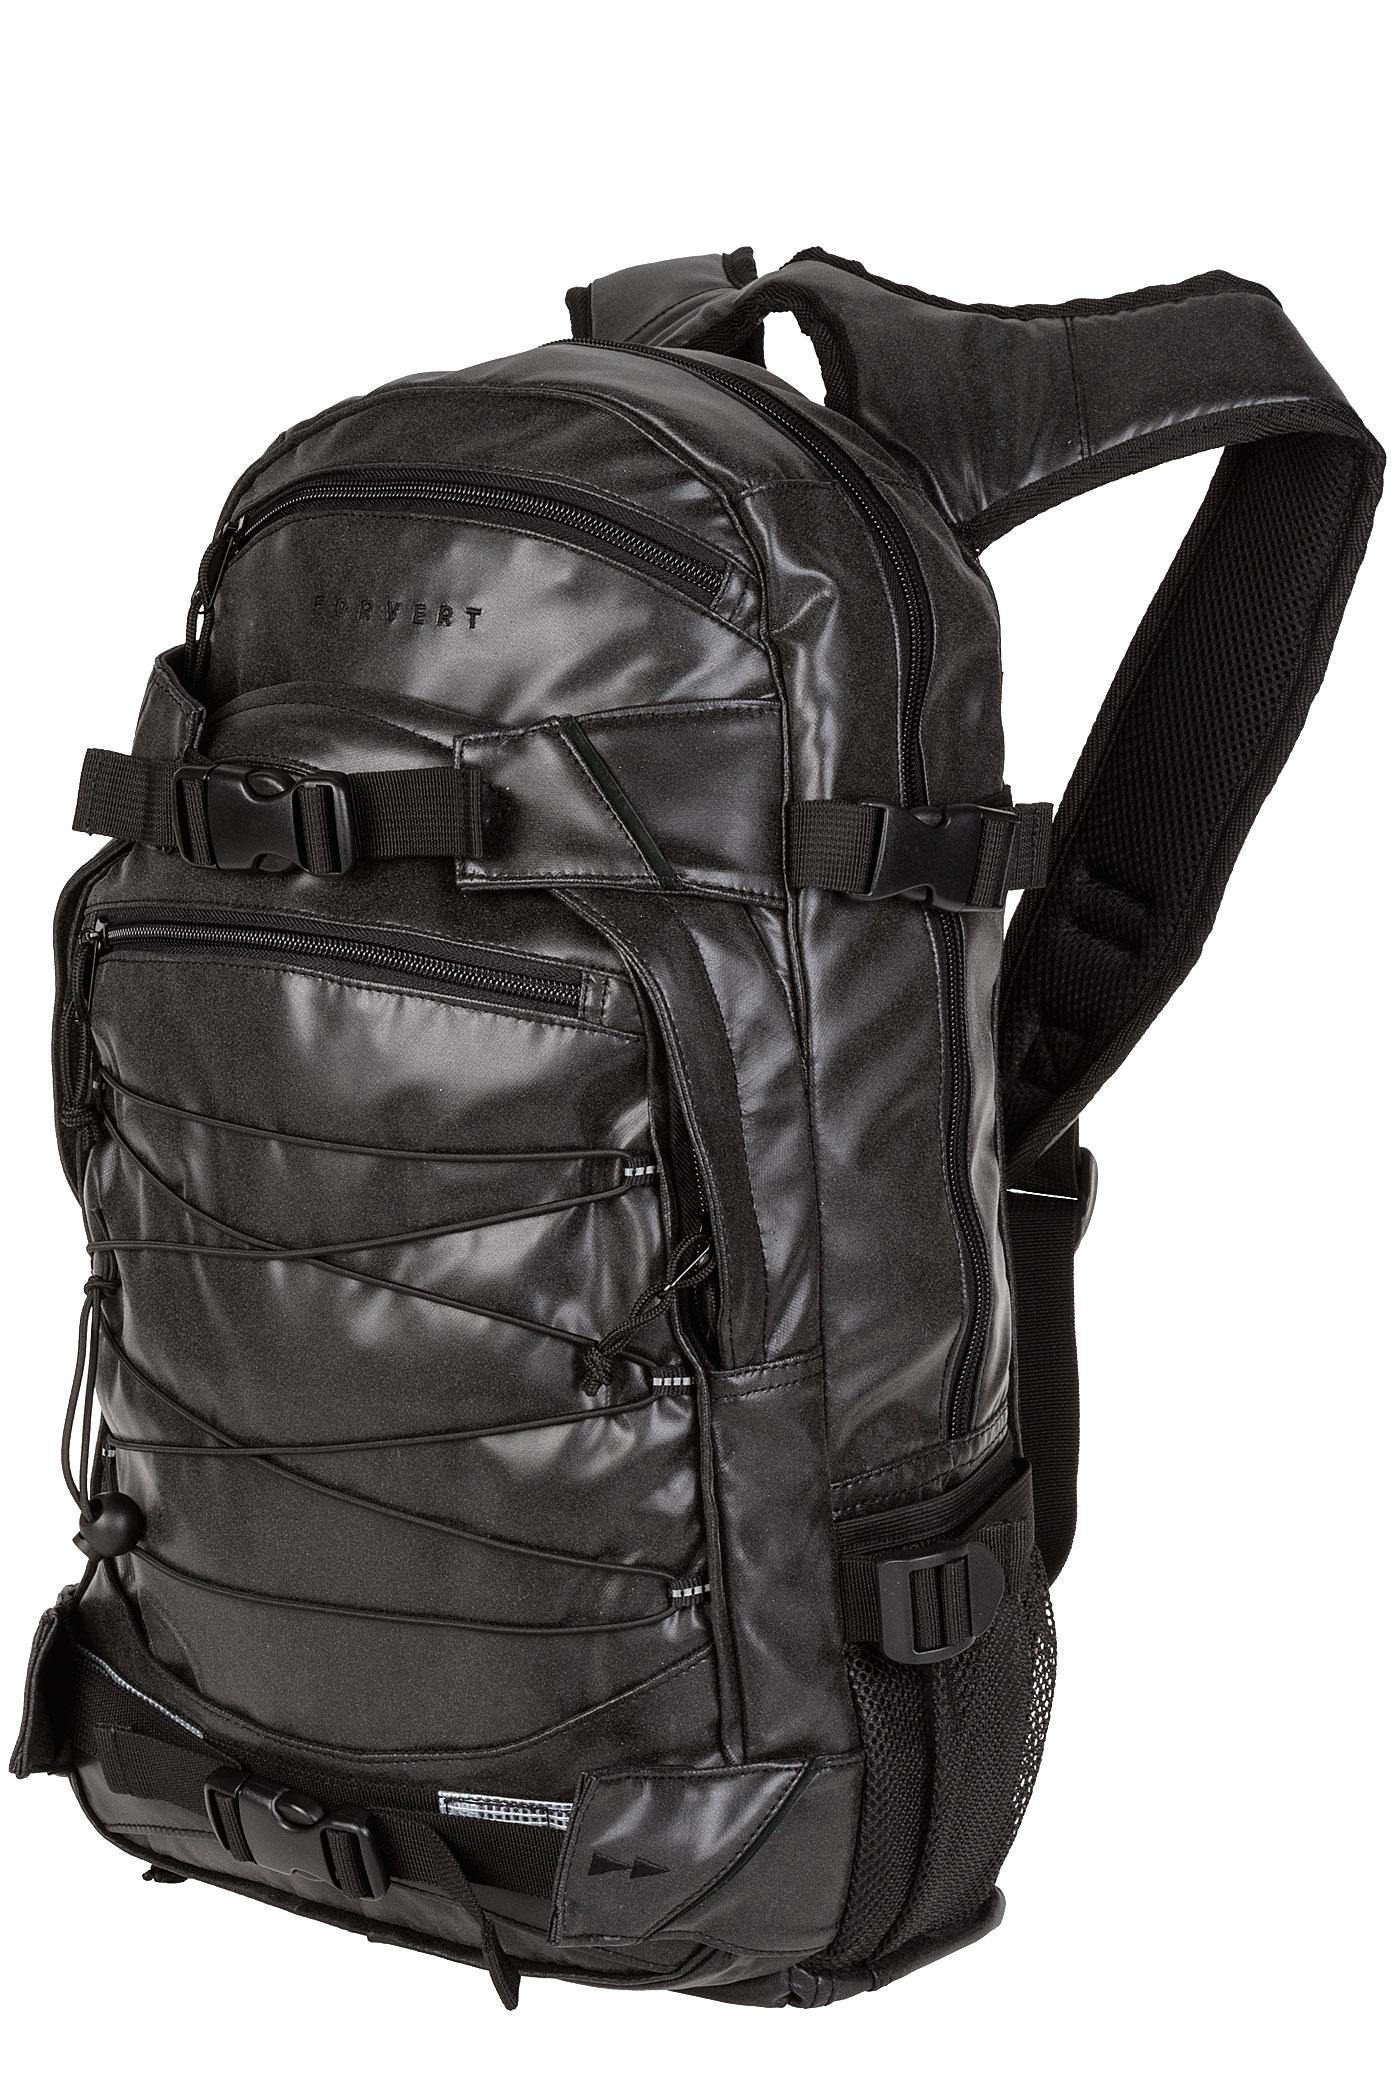 forvert reflective louis backpack 20l black buy at skatedeluxe. Black Bedroom Furniture Sets. Home Design Ideas